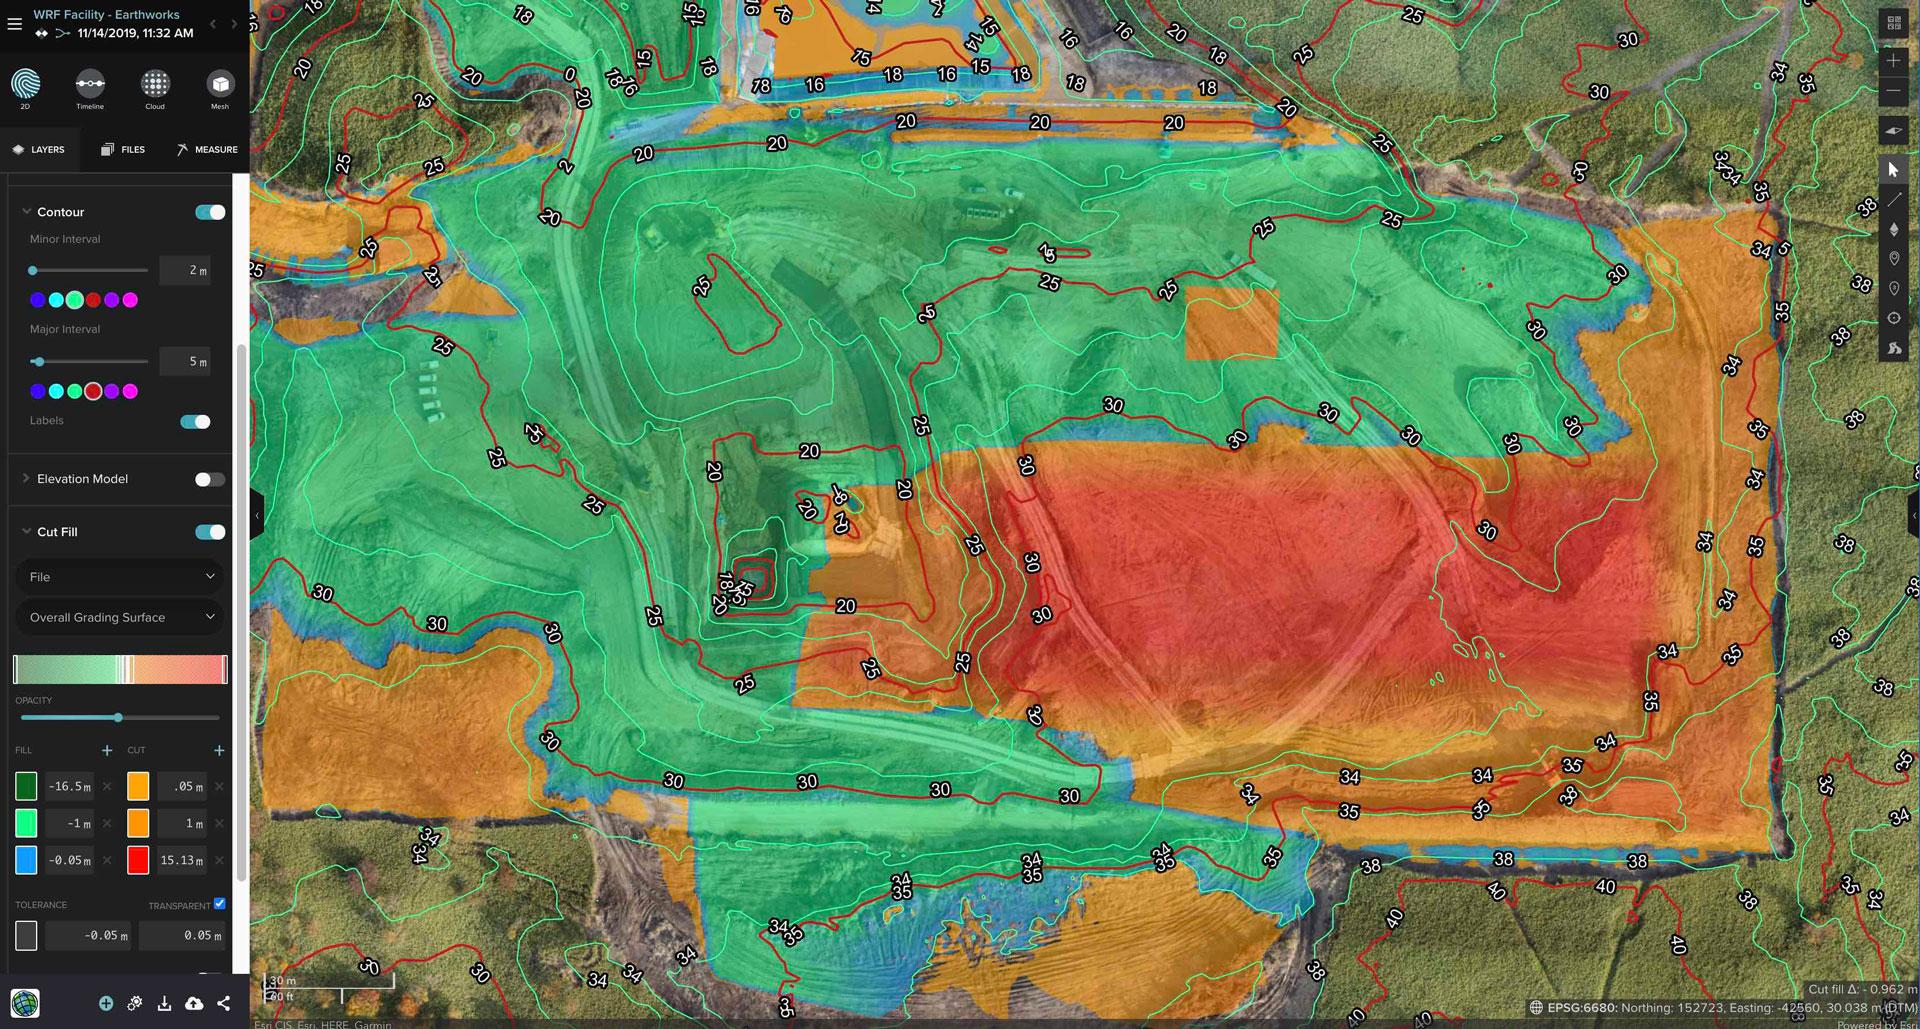 drone heatmap